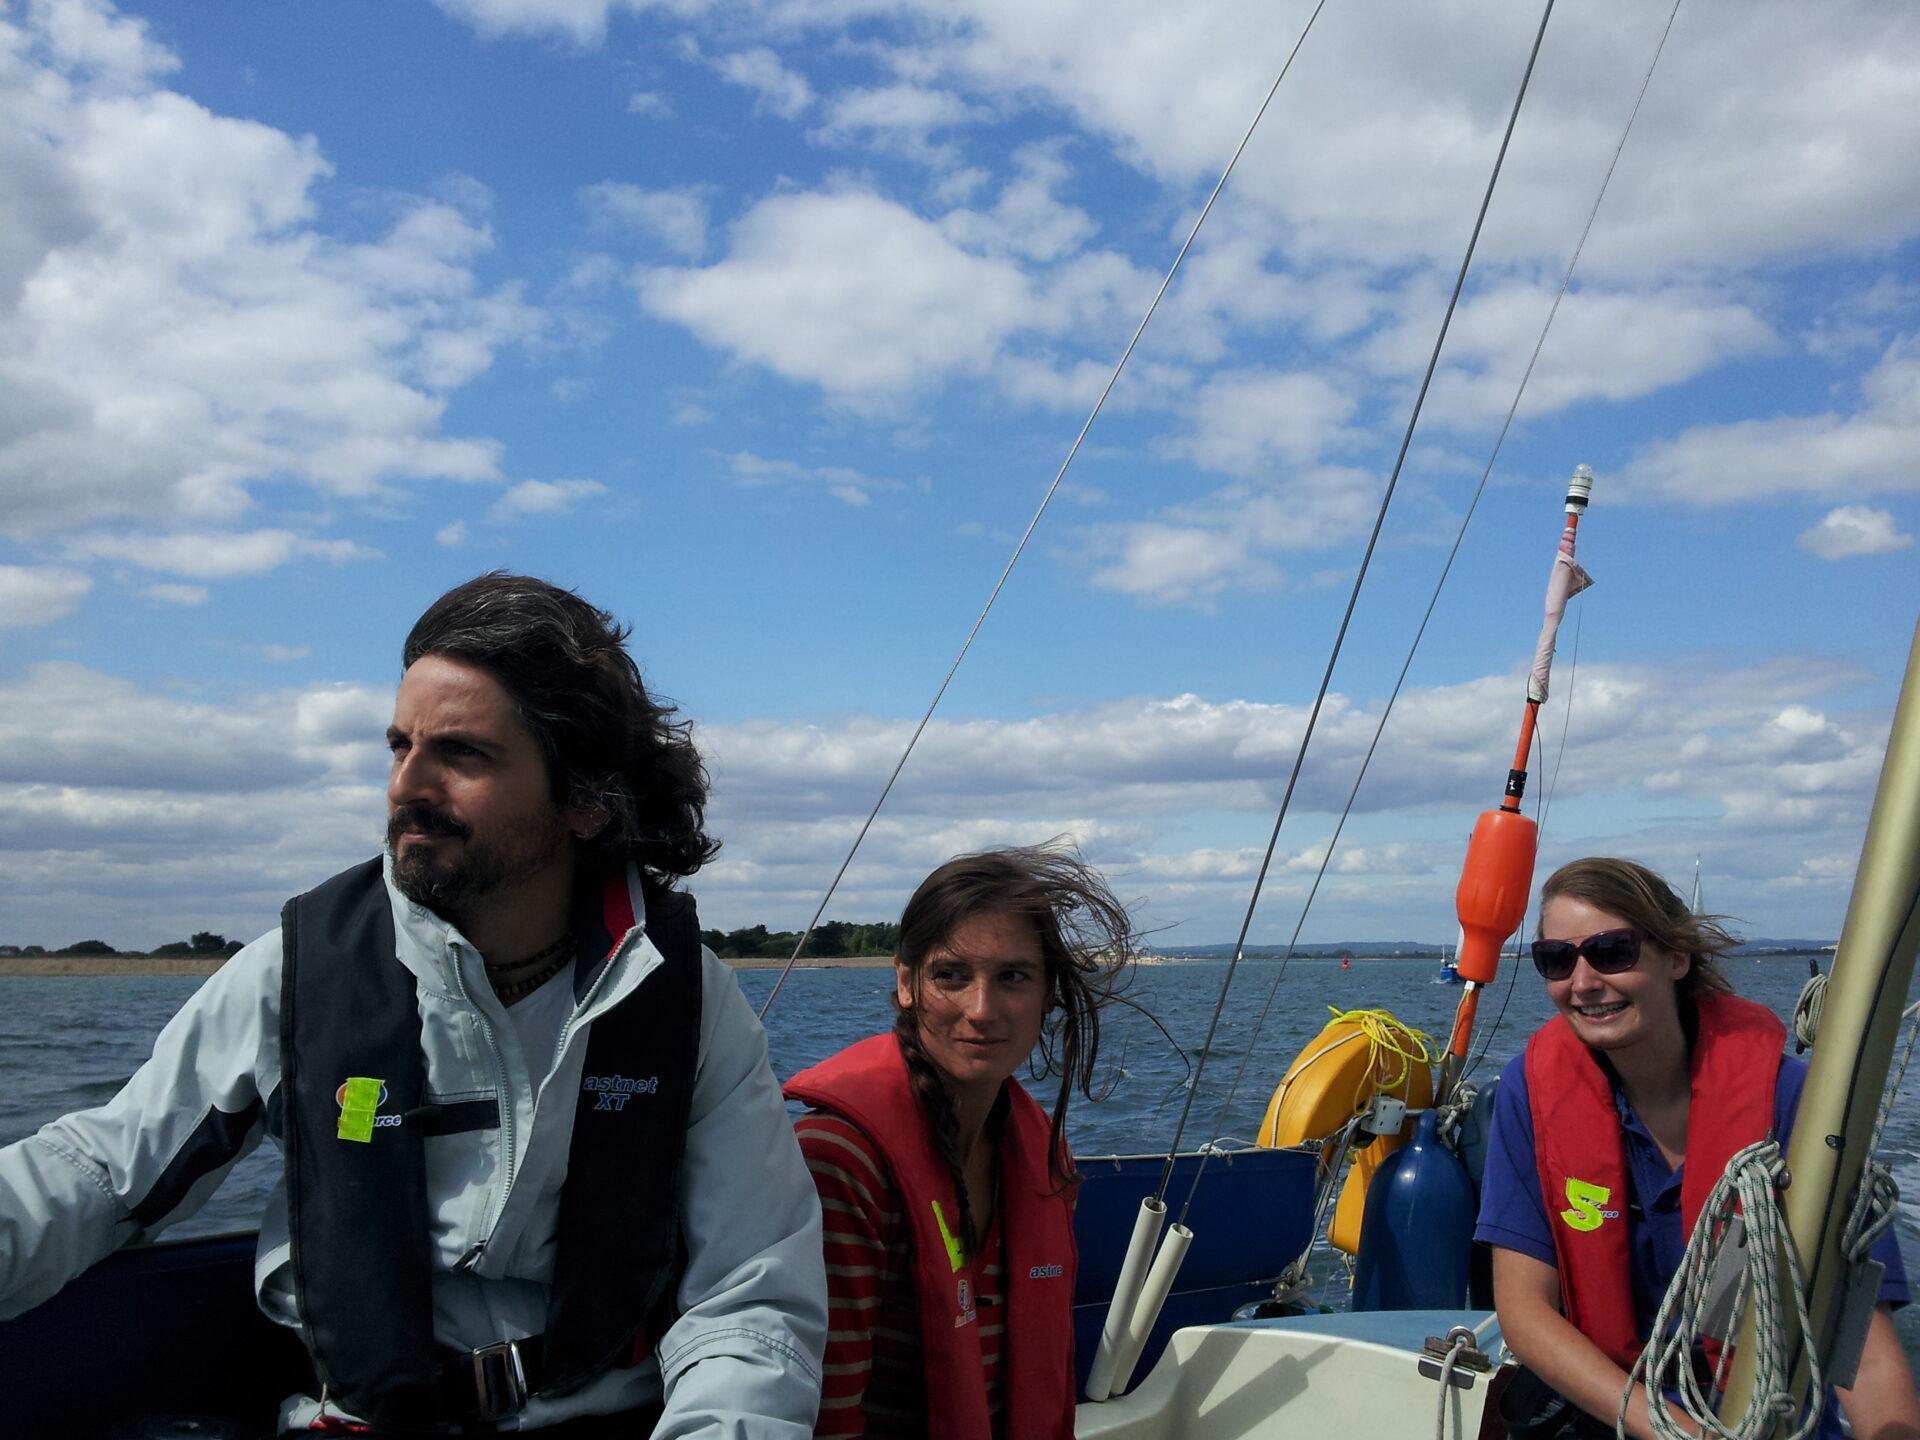 Chichester taster sail